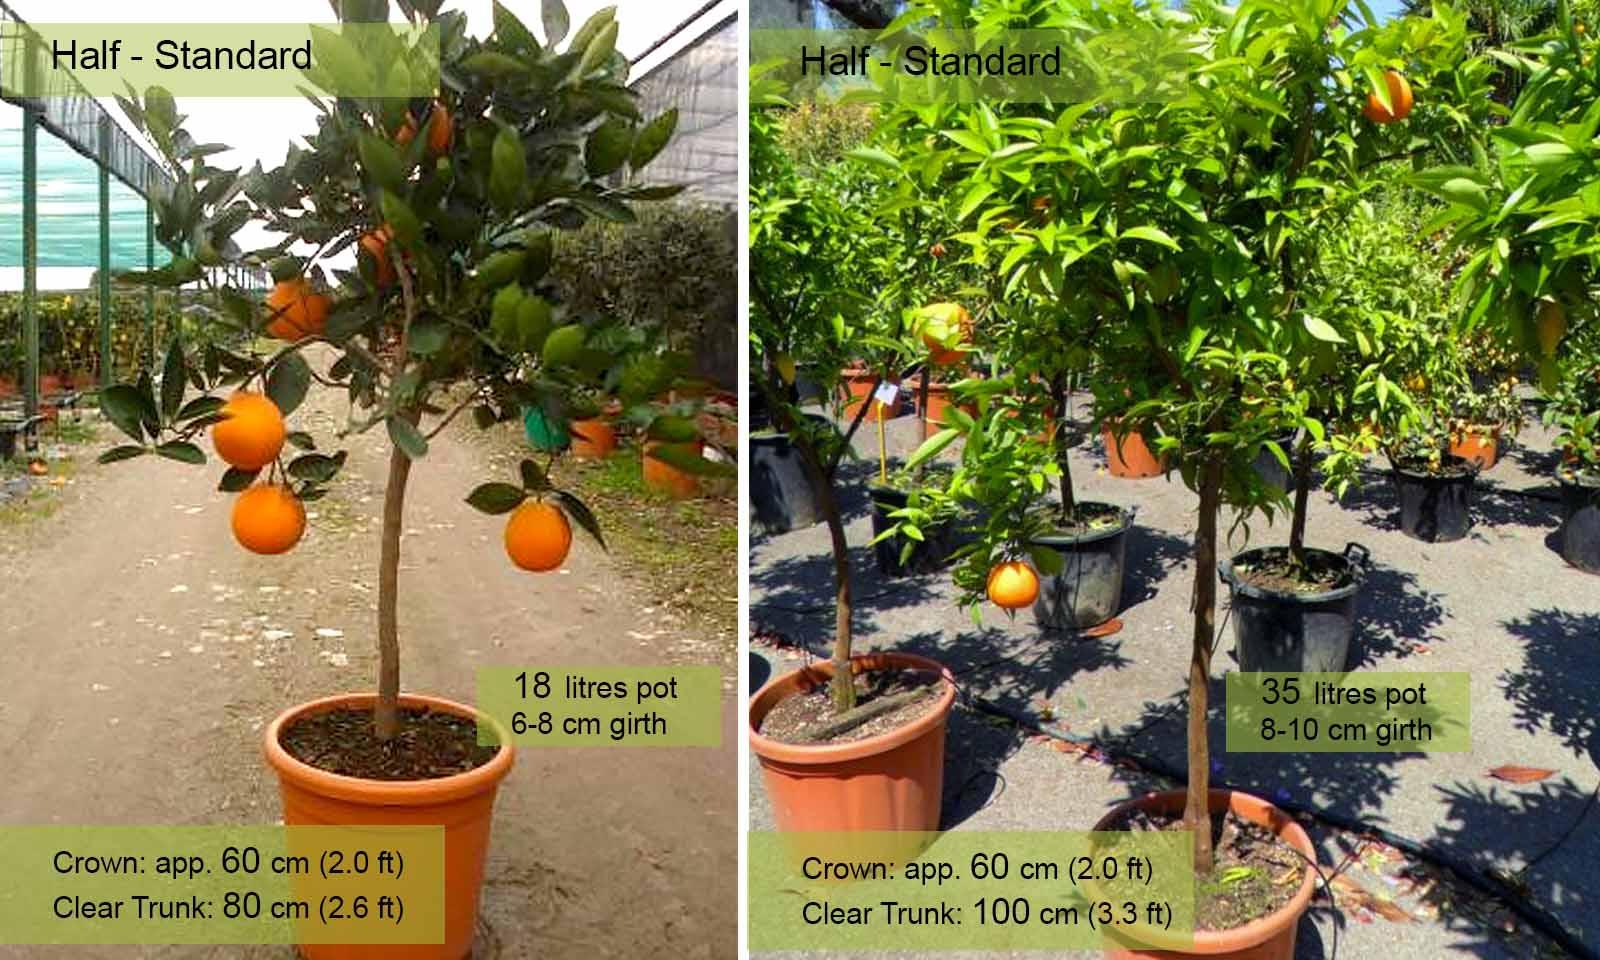 Citrus Sinensis (Orange Trees) - Half standard